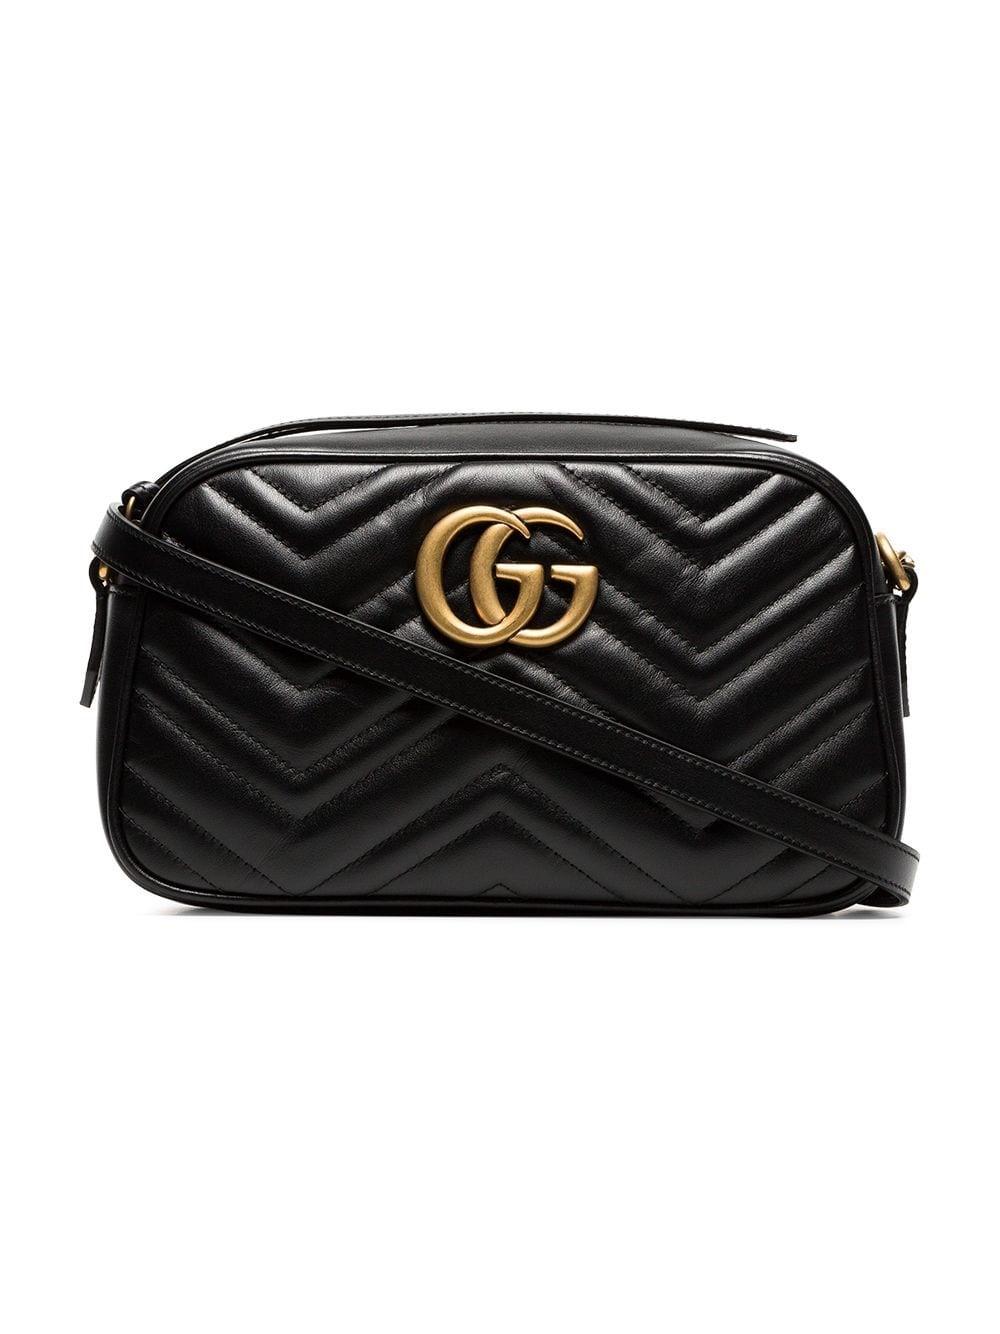 73361d8e130 gucci GG MARMONT SHOULDER BAG available on montiboutique.com - 25053